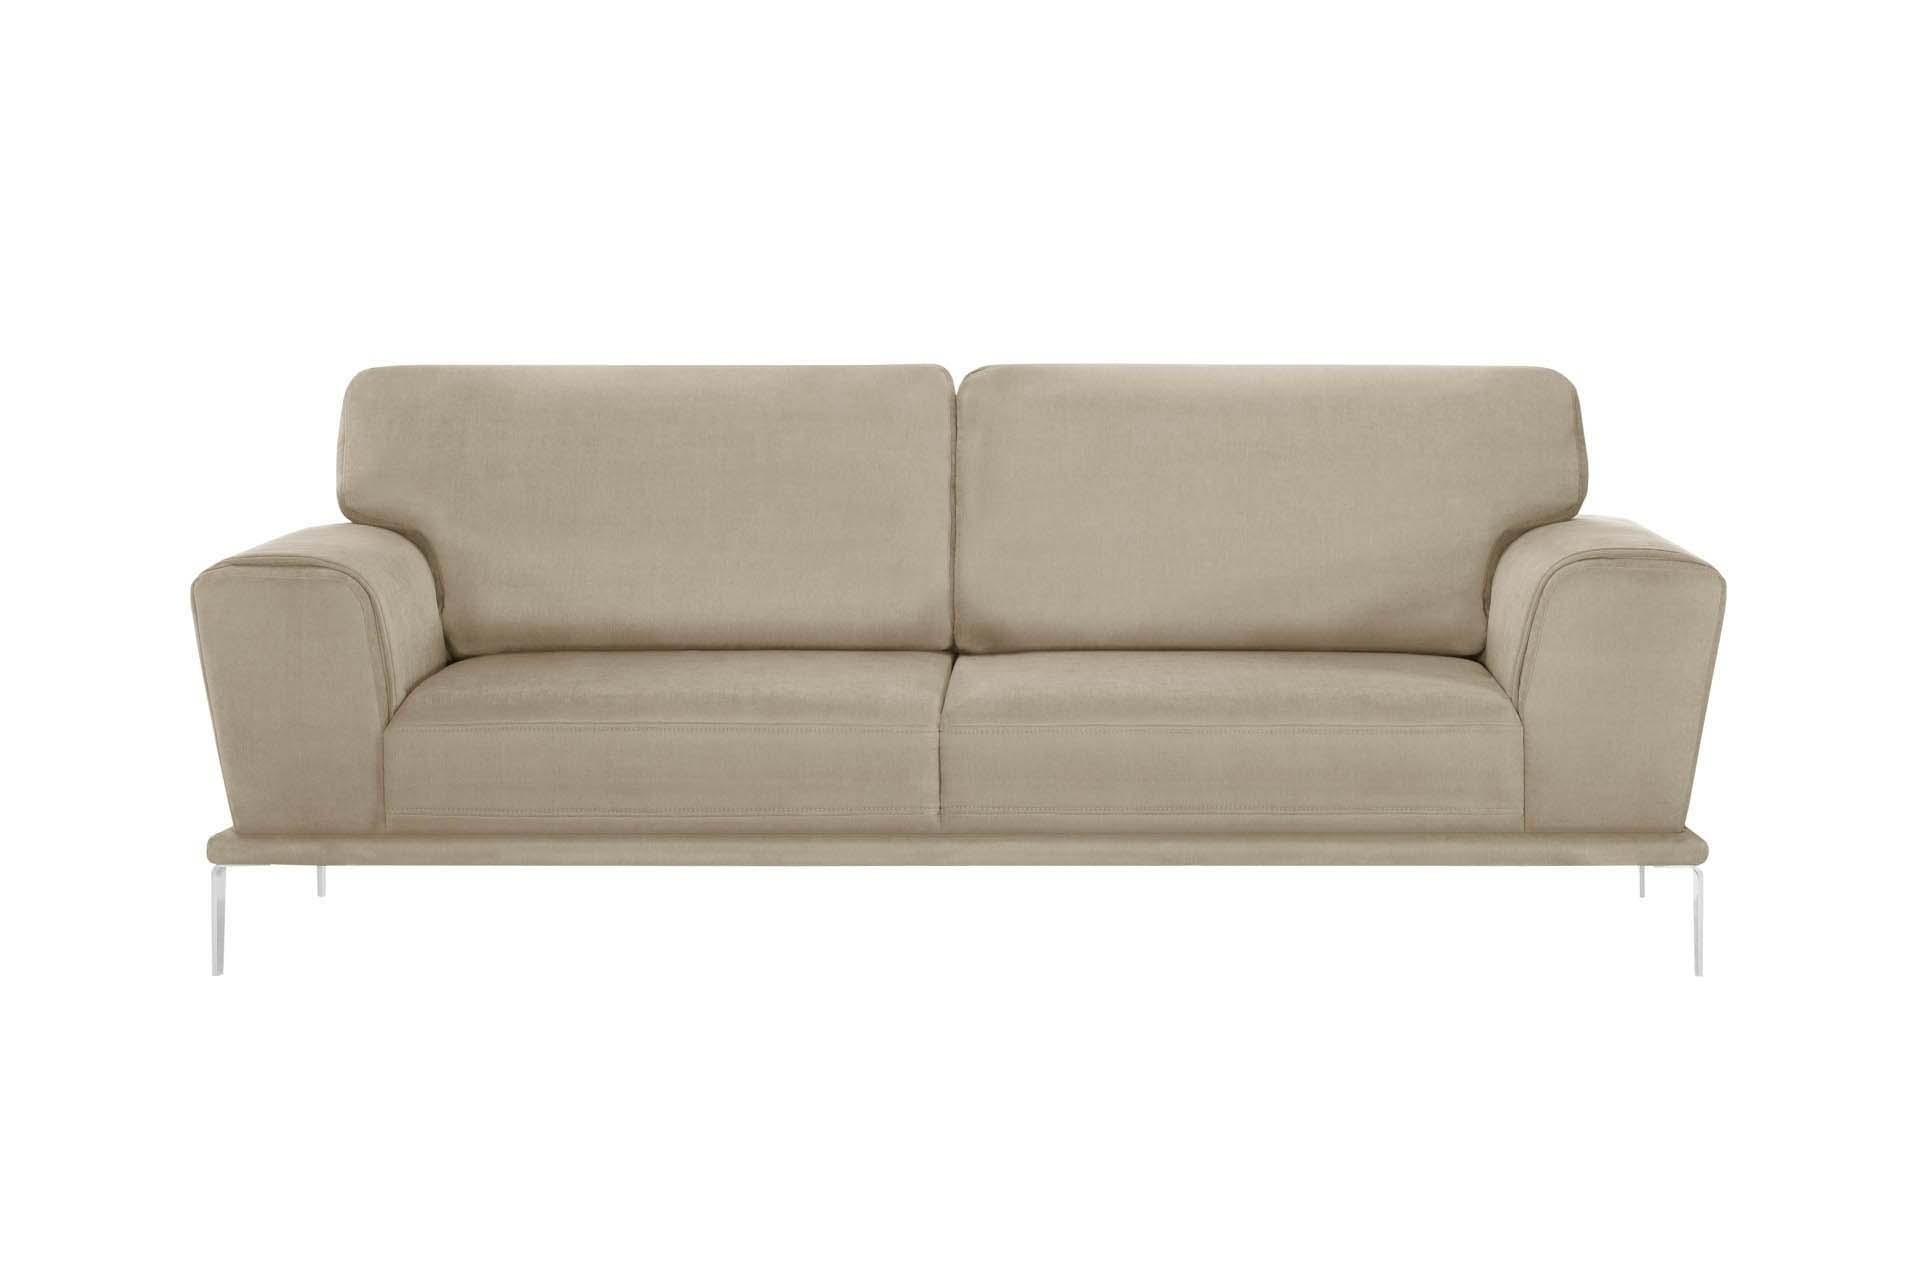 Canapé 3 places toucher coton beige